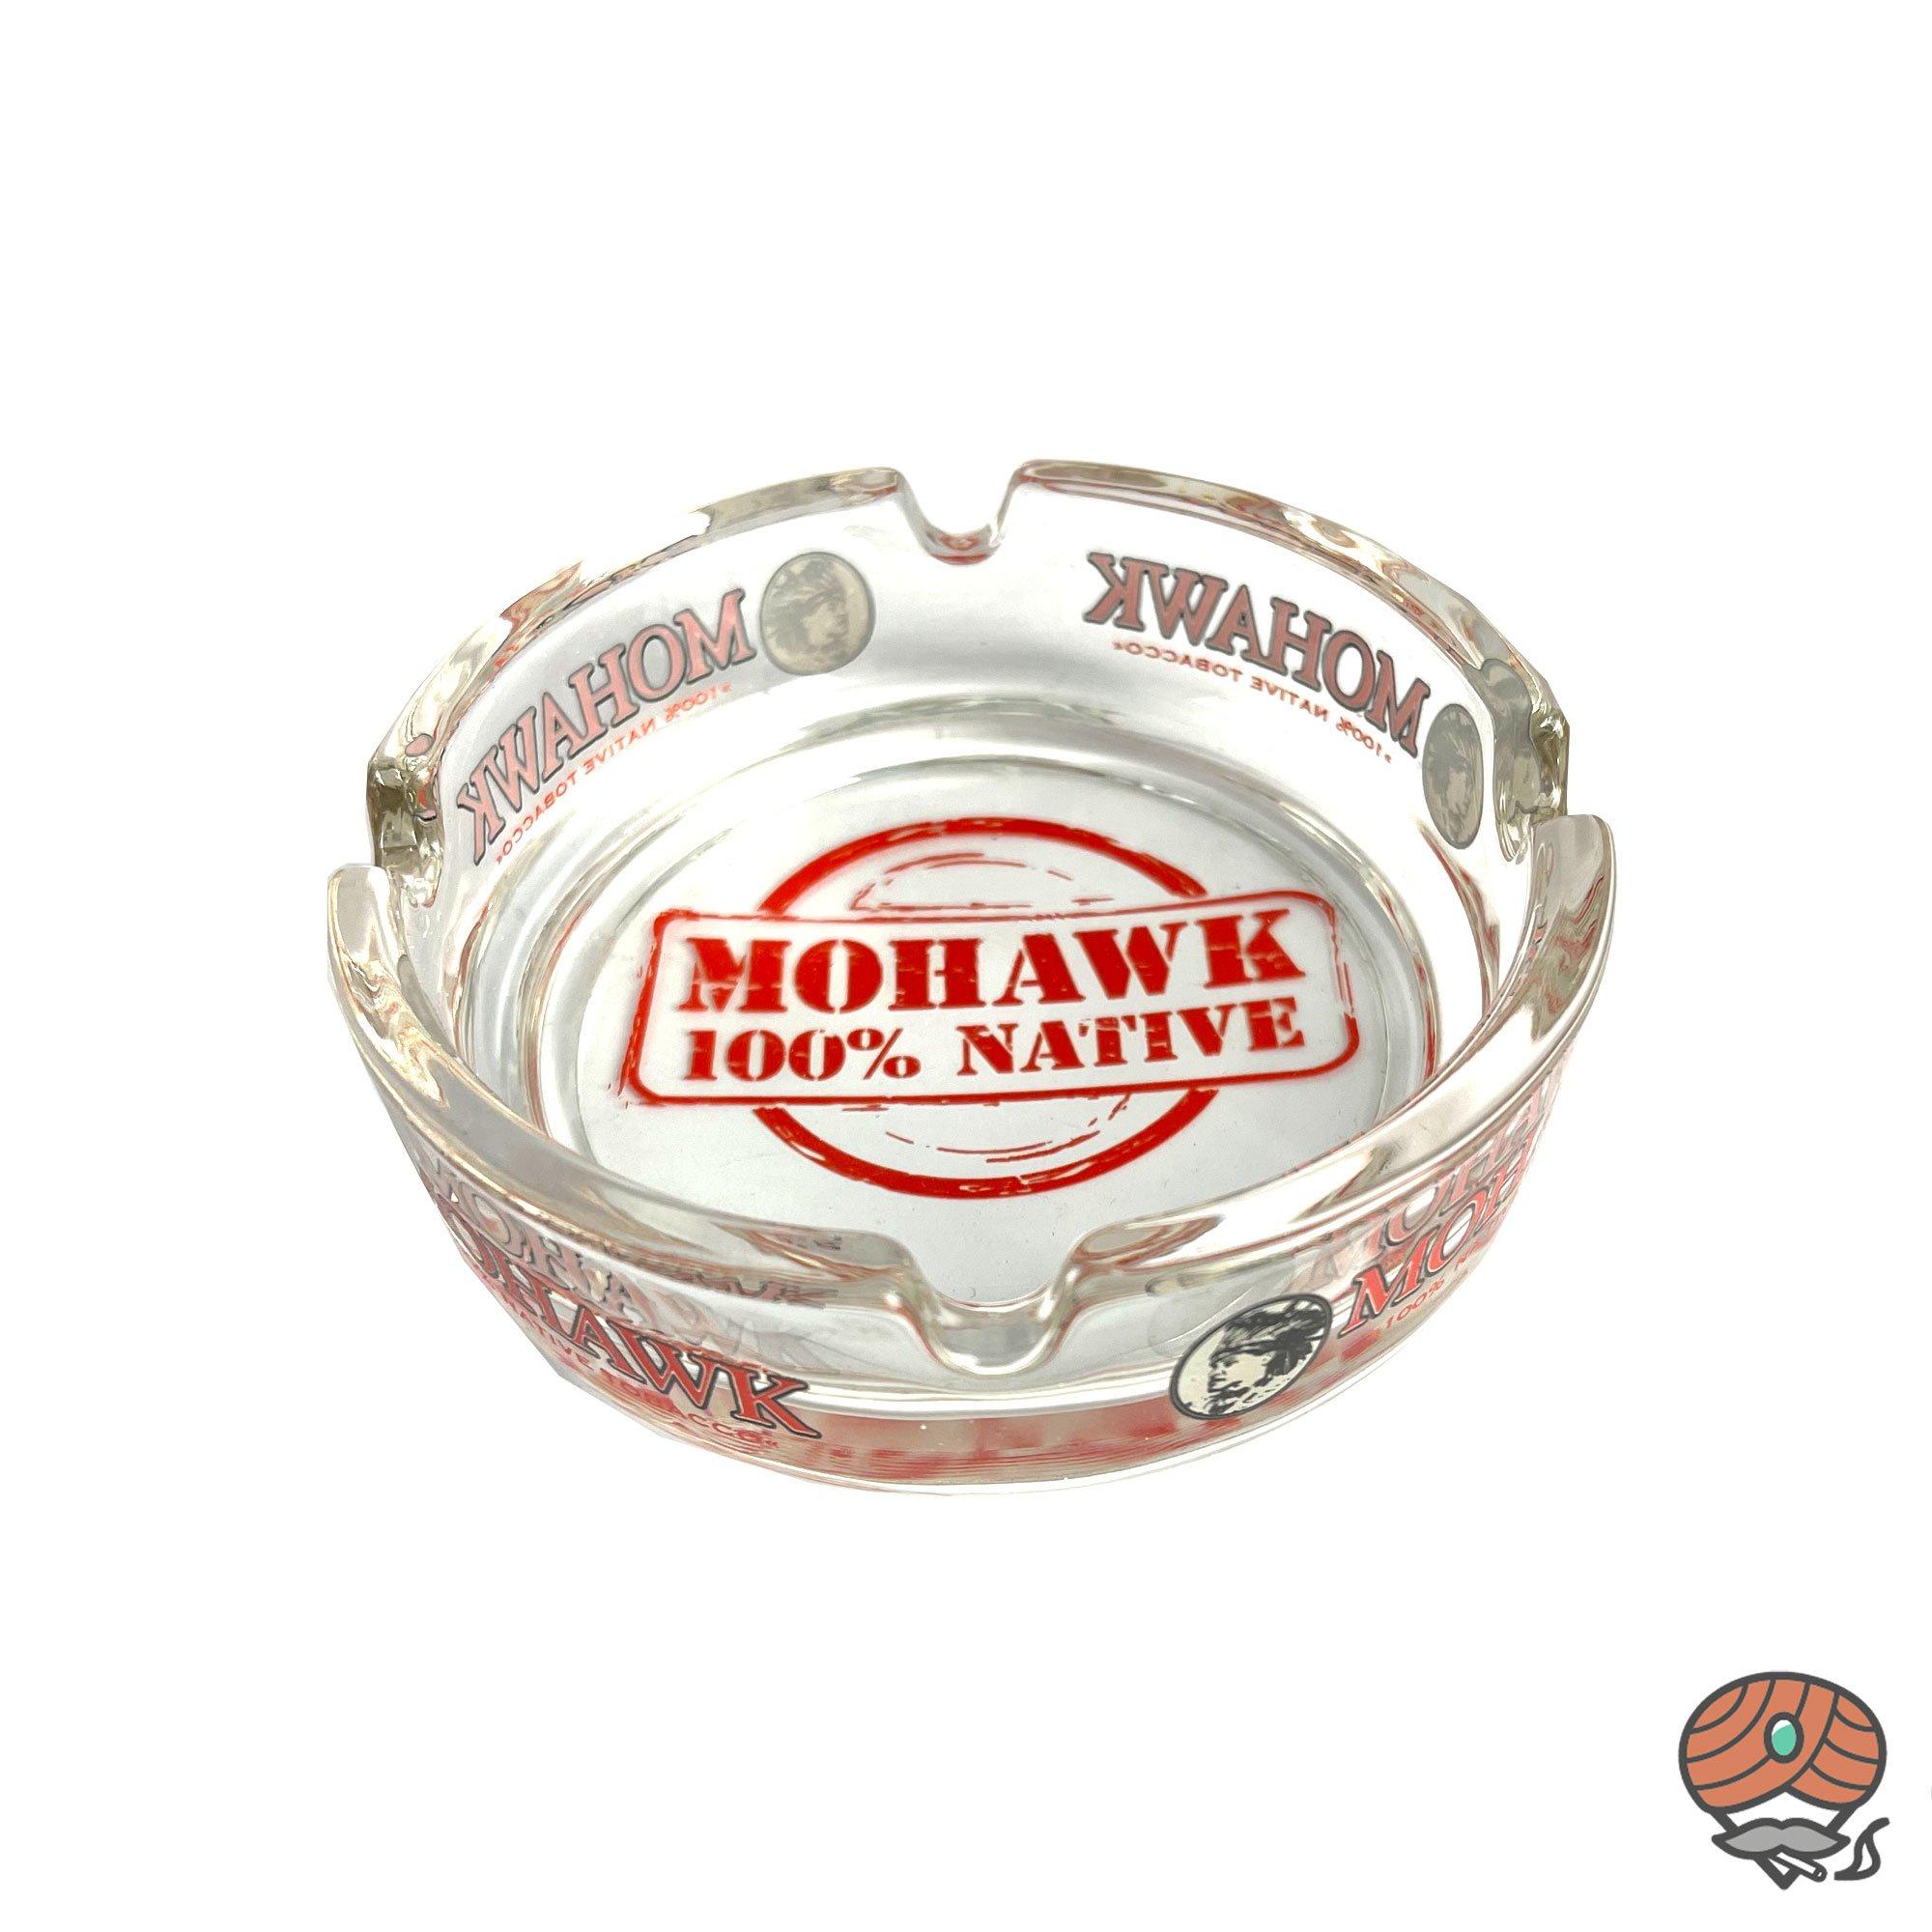 Mohawk Glasaschenbecher Durchmesser 10,5 cm